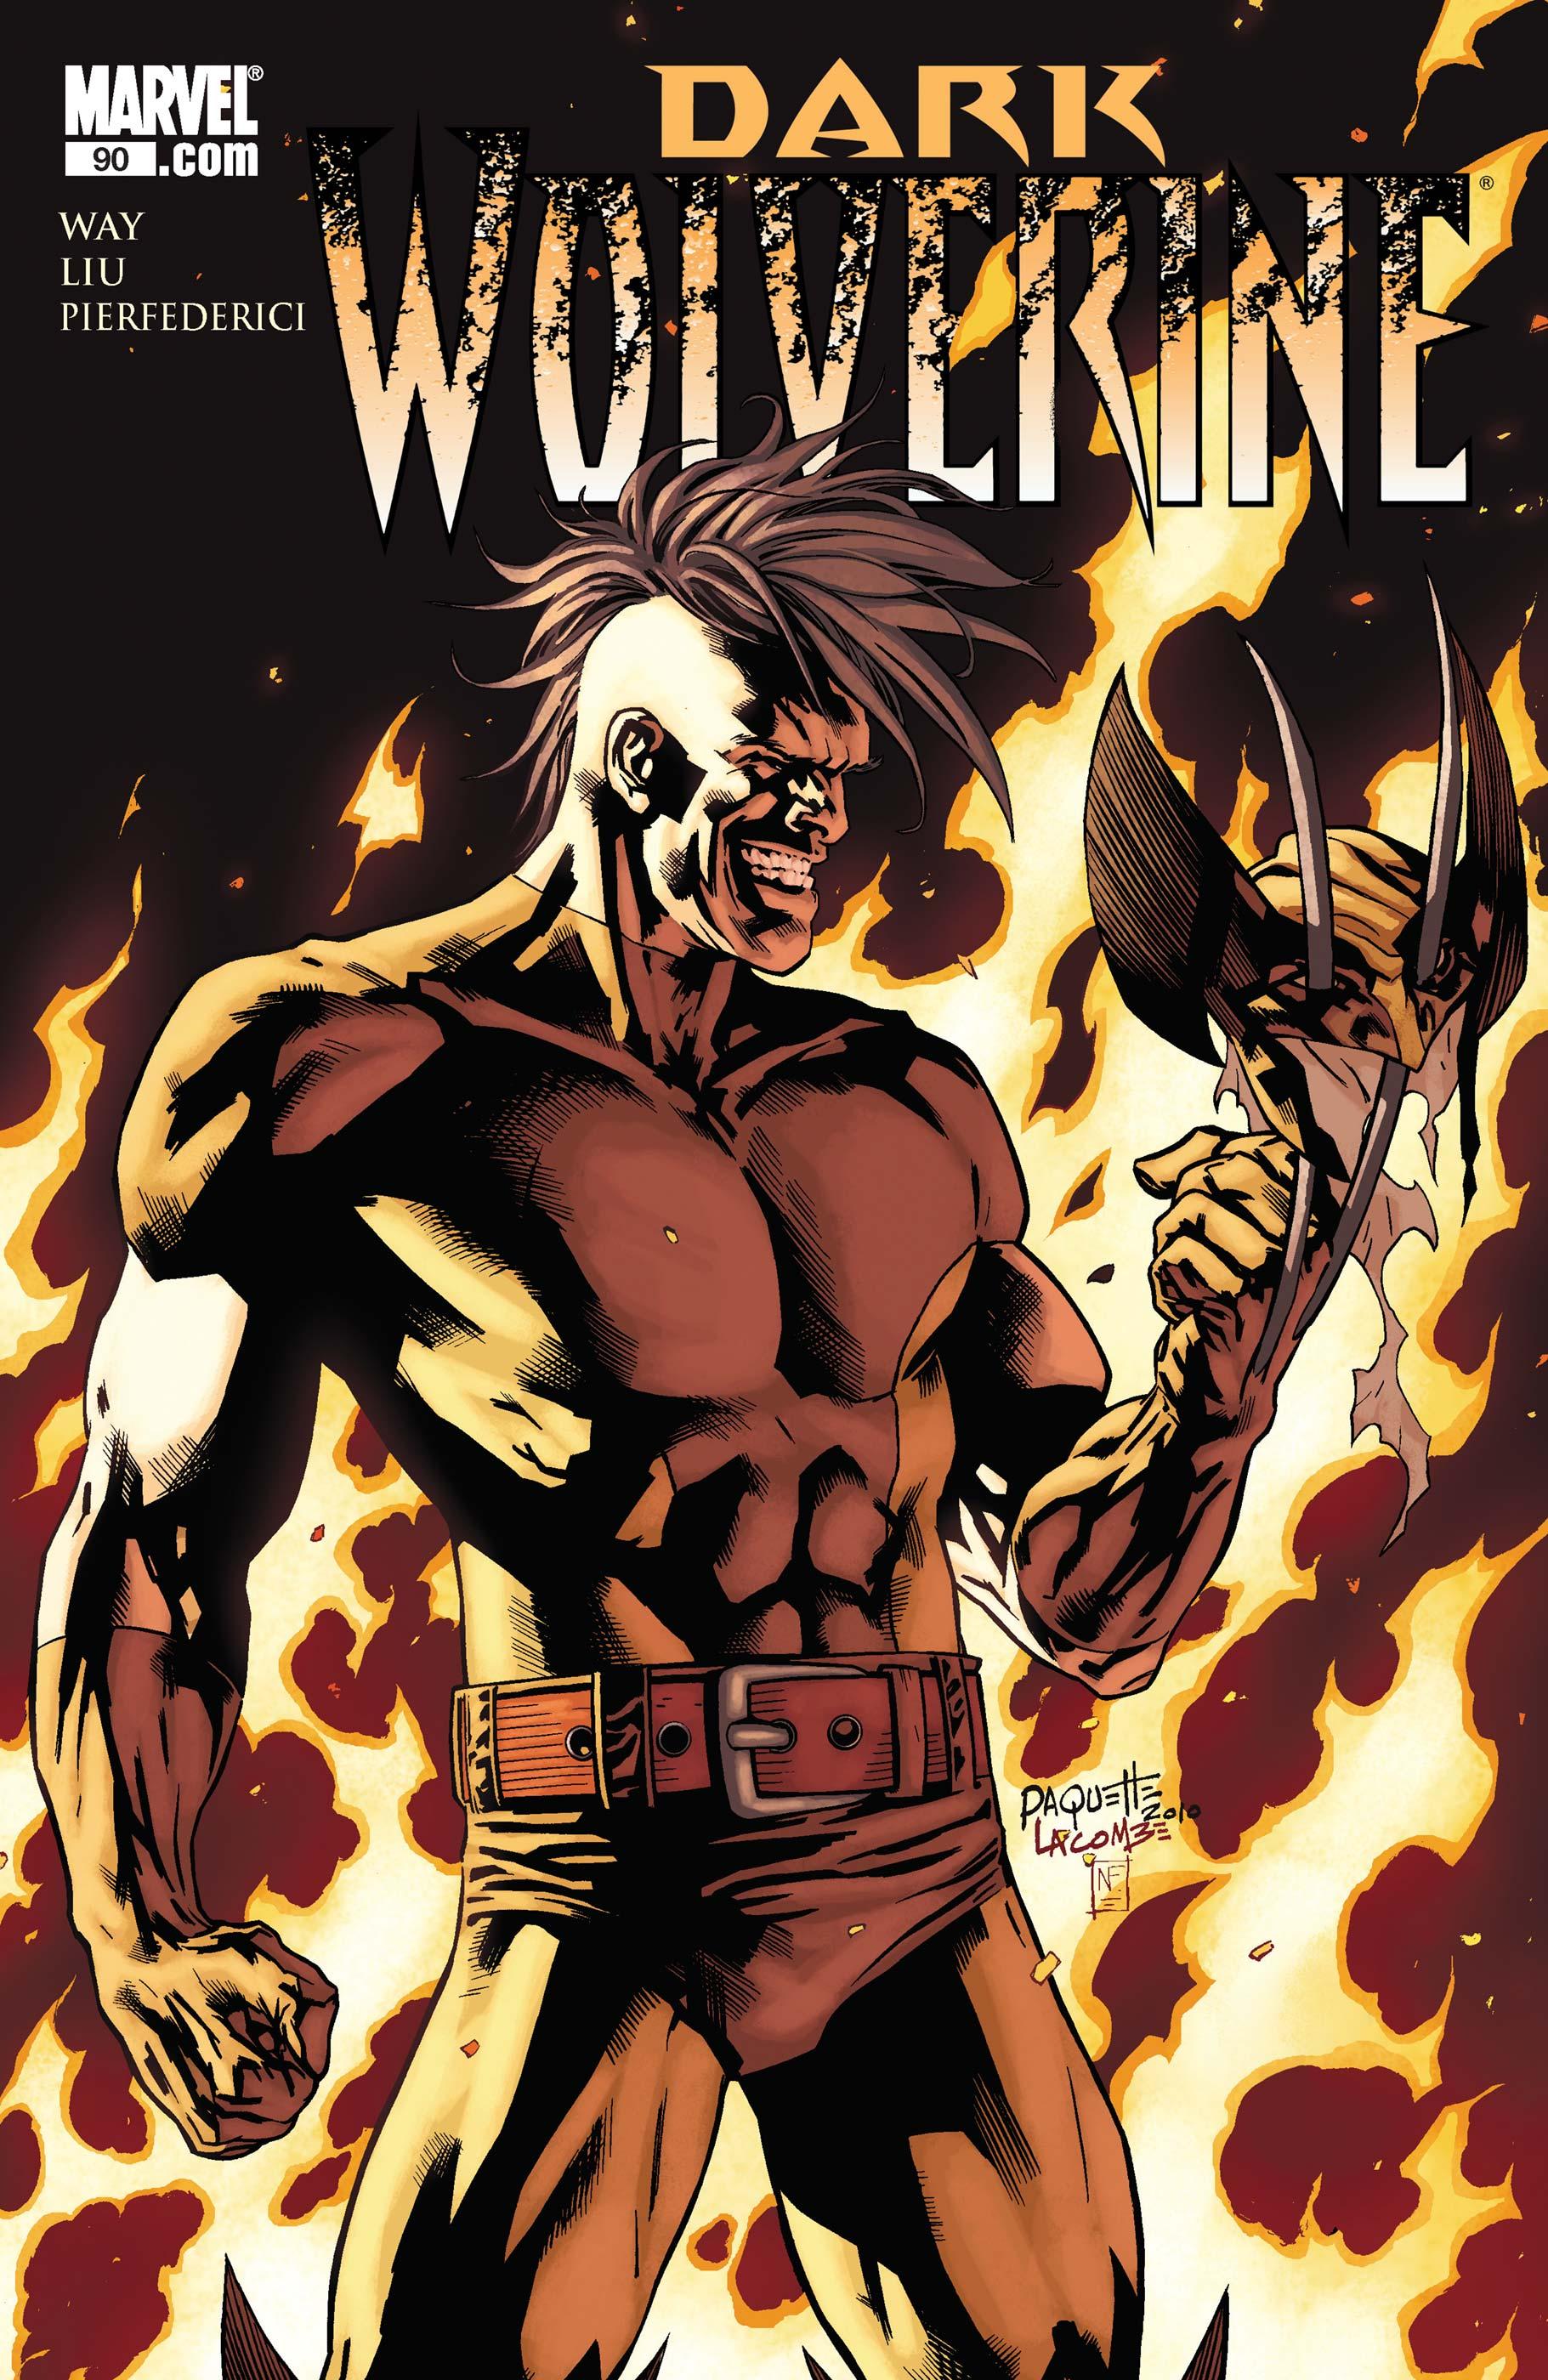 Dark Wolverine (2009) #90